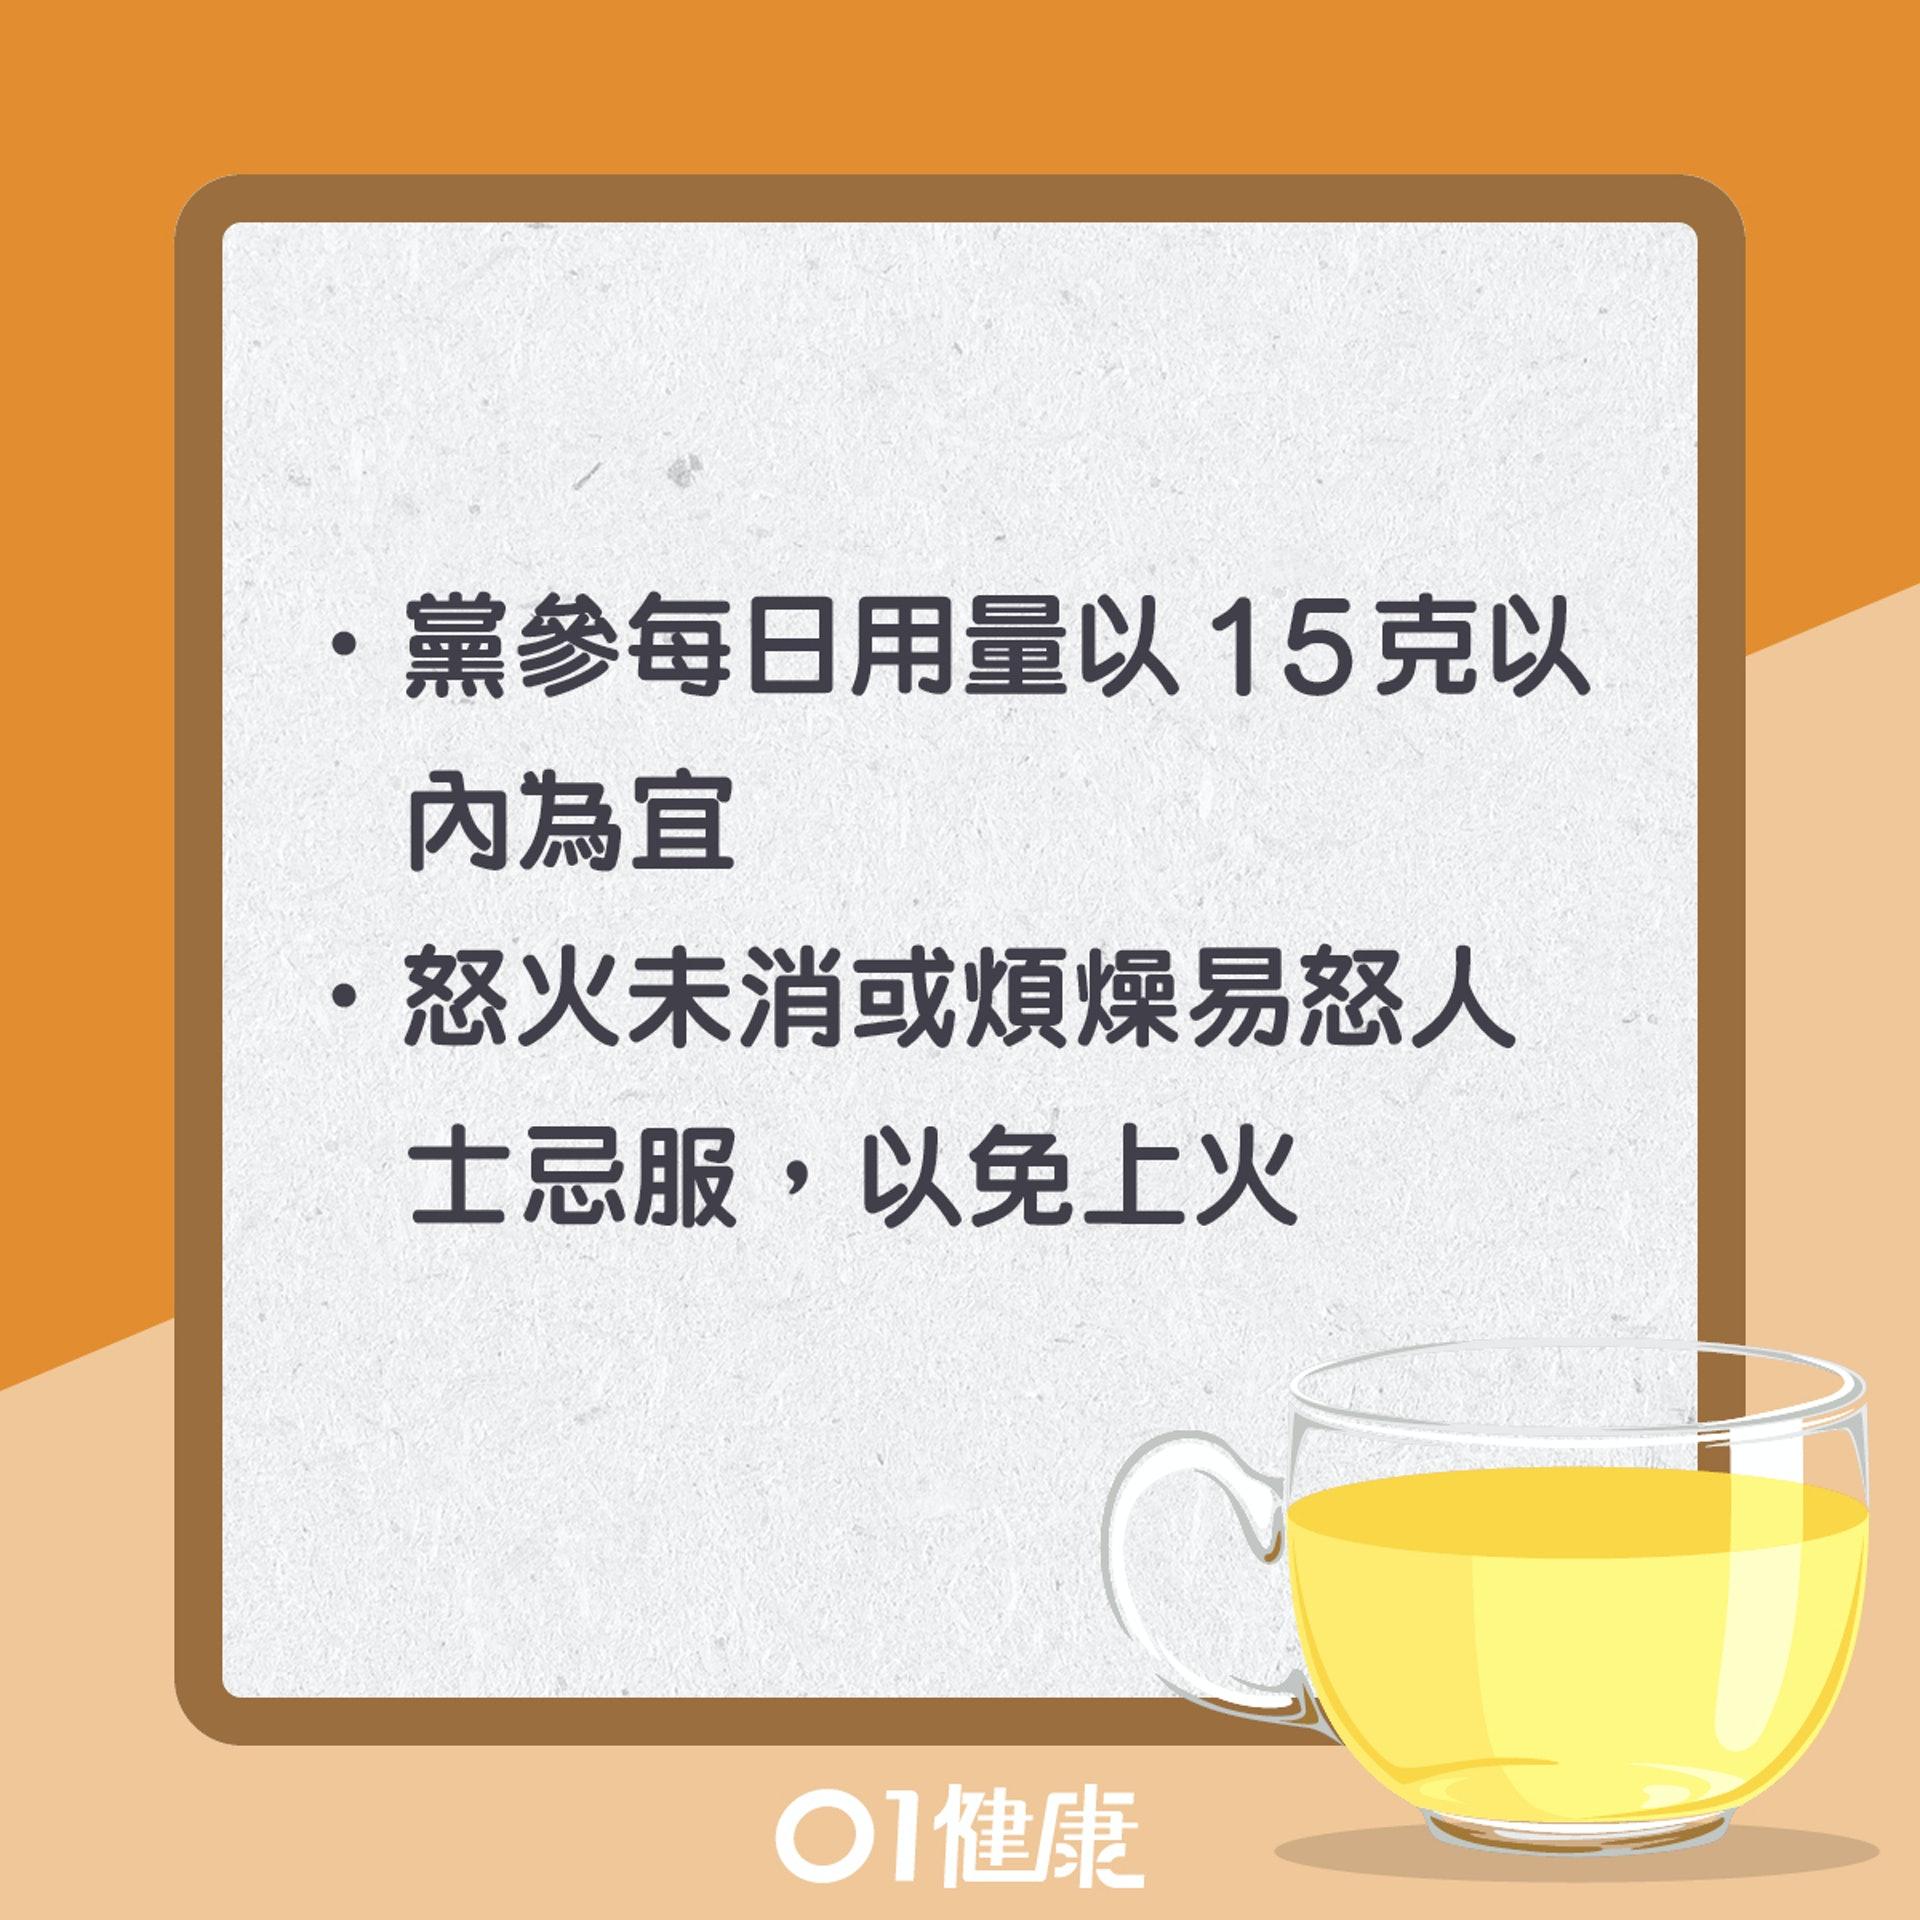 飲用黨參茶注意事項(01製圖)